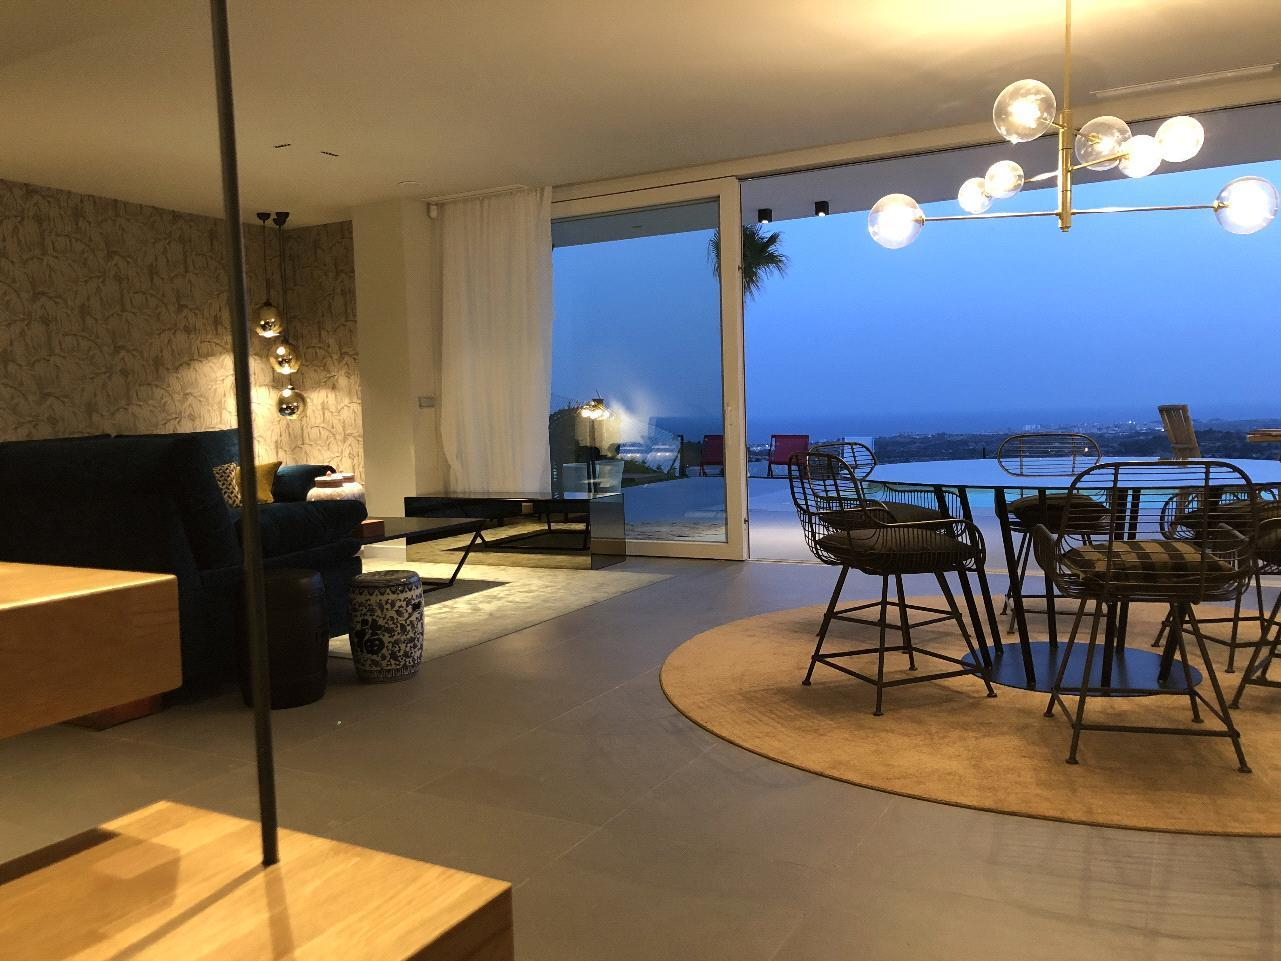 Chalet moderno con espectaculares vistas al mar en Finestrat